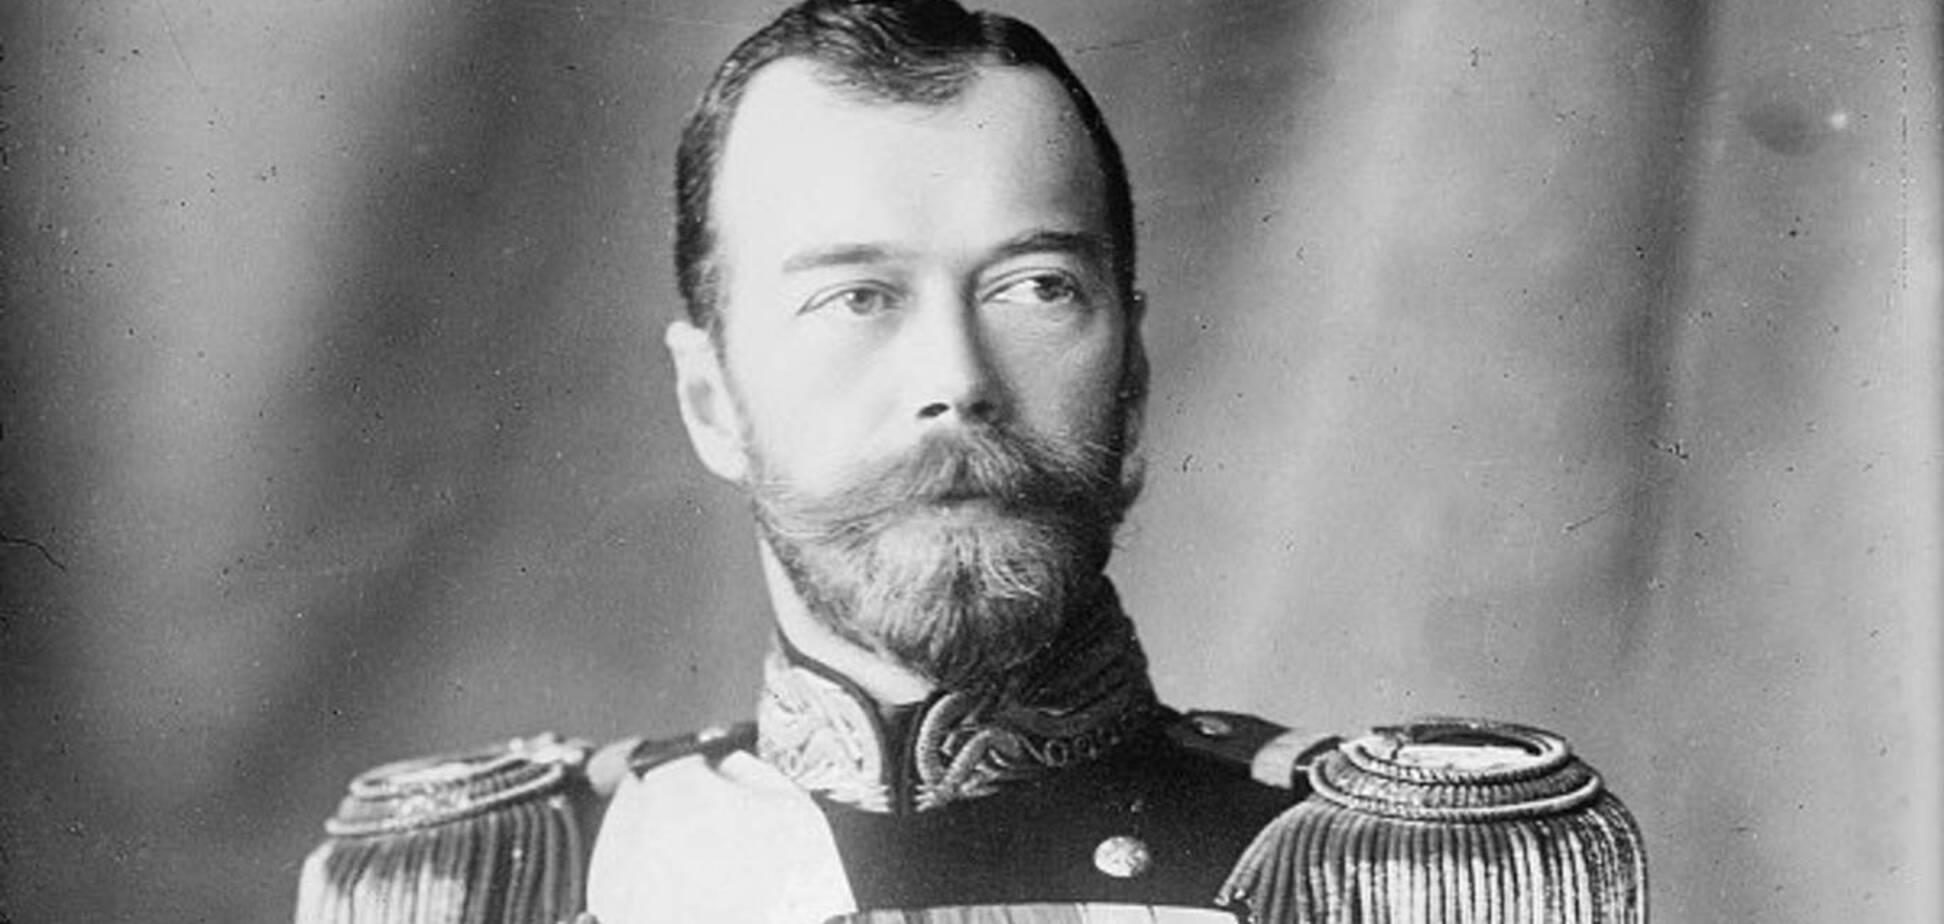 Фото Николая II вызвали ажиотаж в соцсети